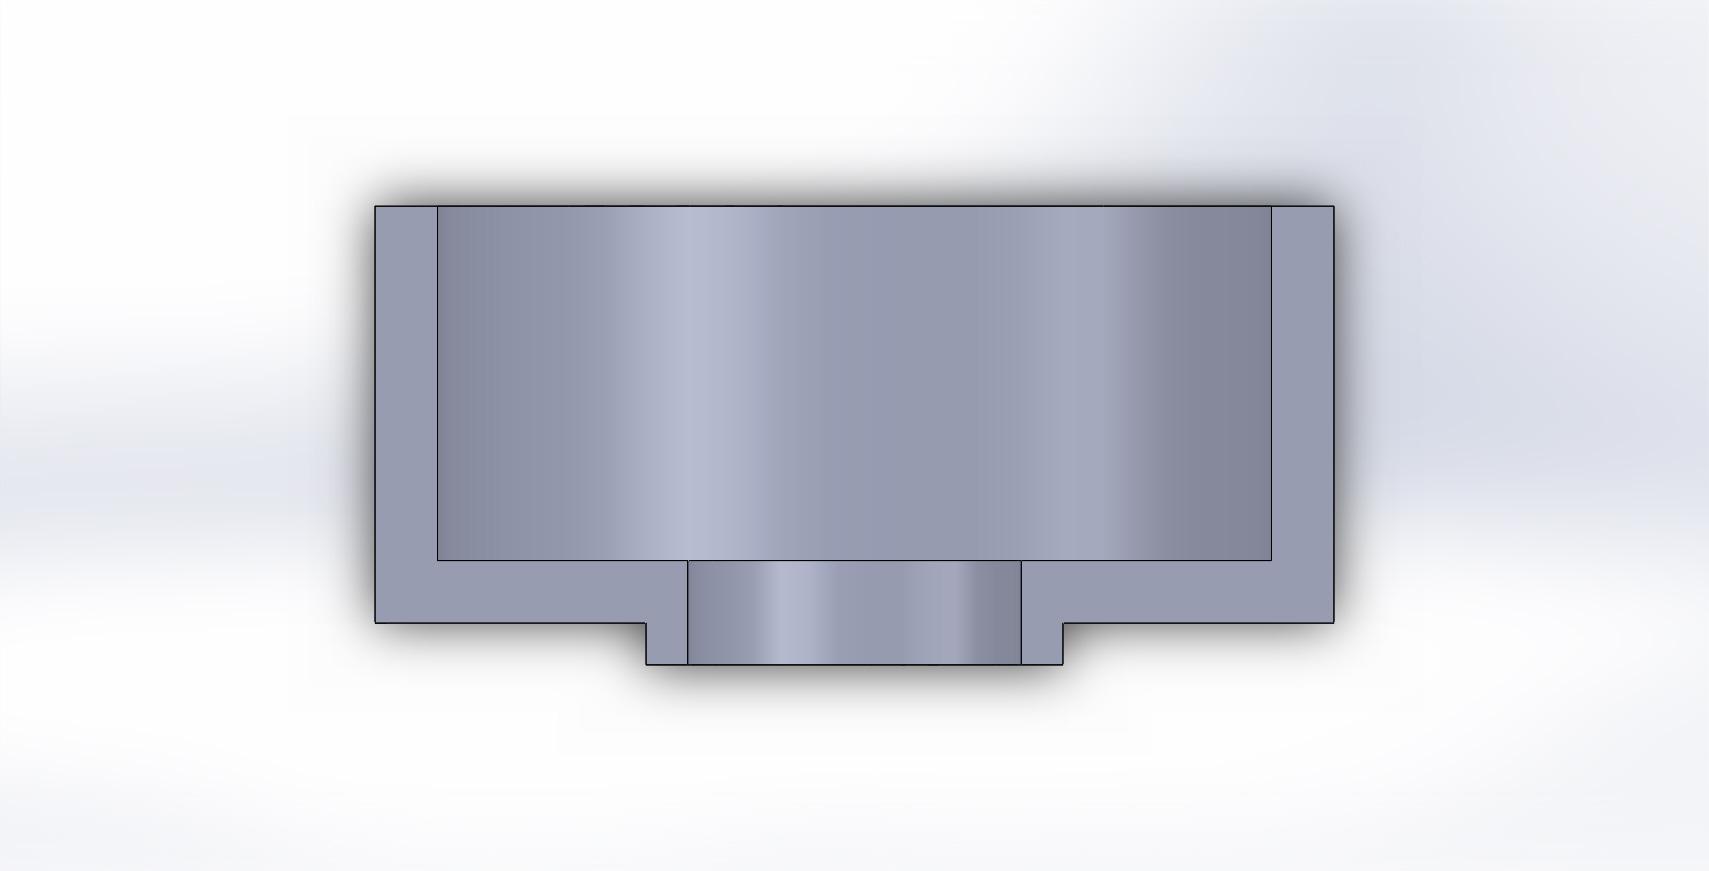 14_Bearing holder_upper.JPG